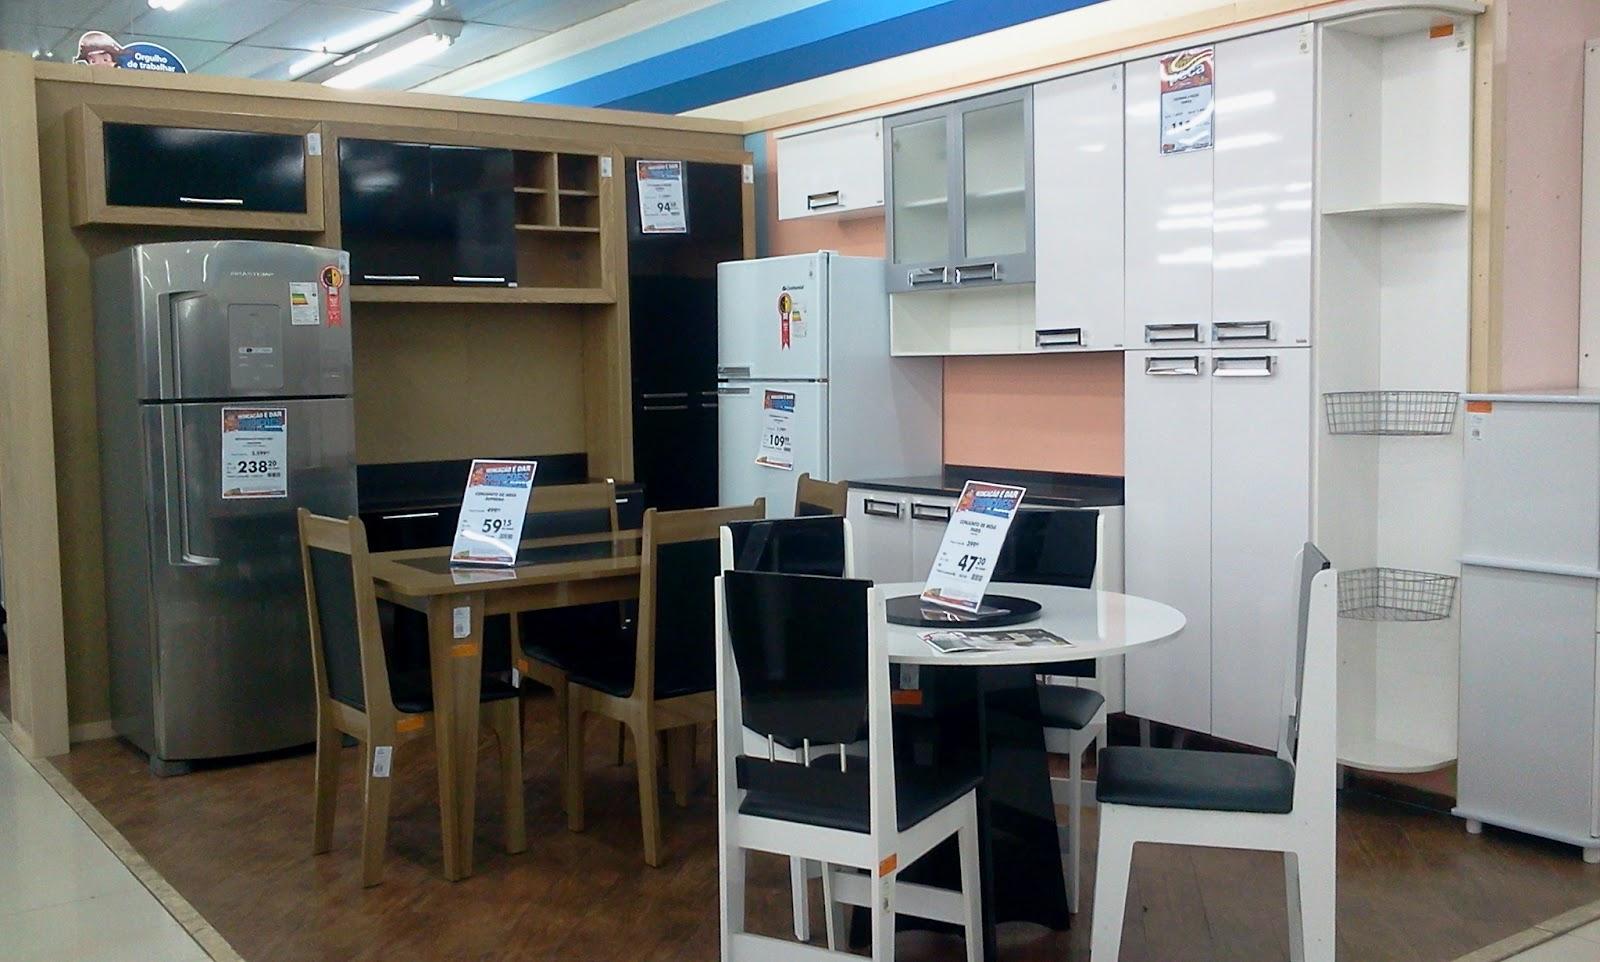 For linha de cozinhas completas oferecida pelas Casas Bahia possui a #286BA3 1600 962